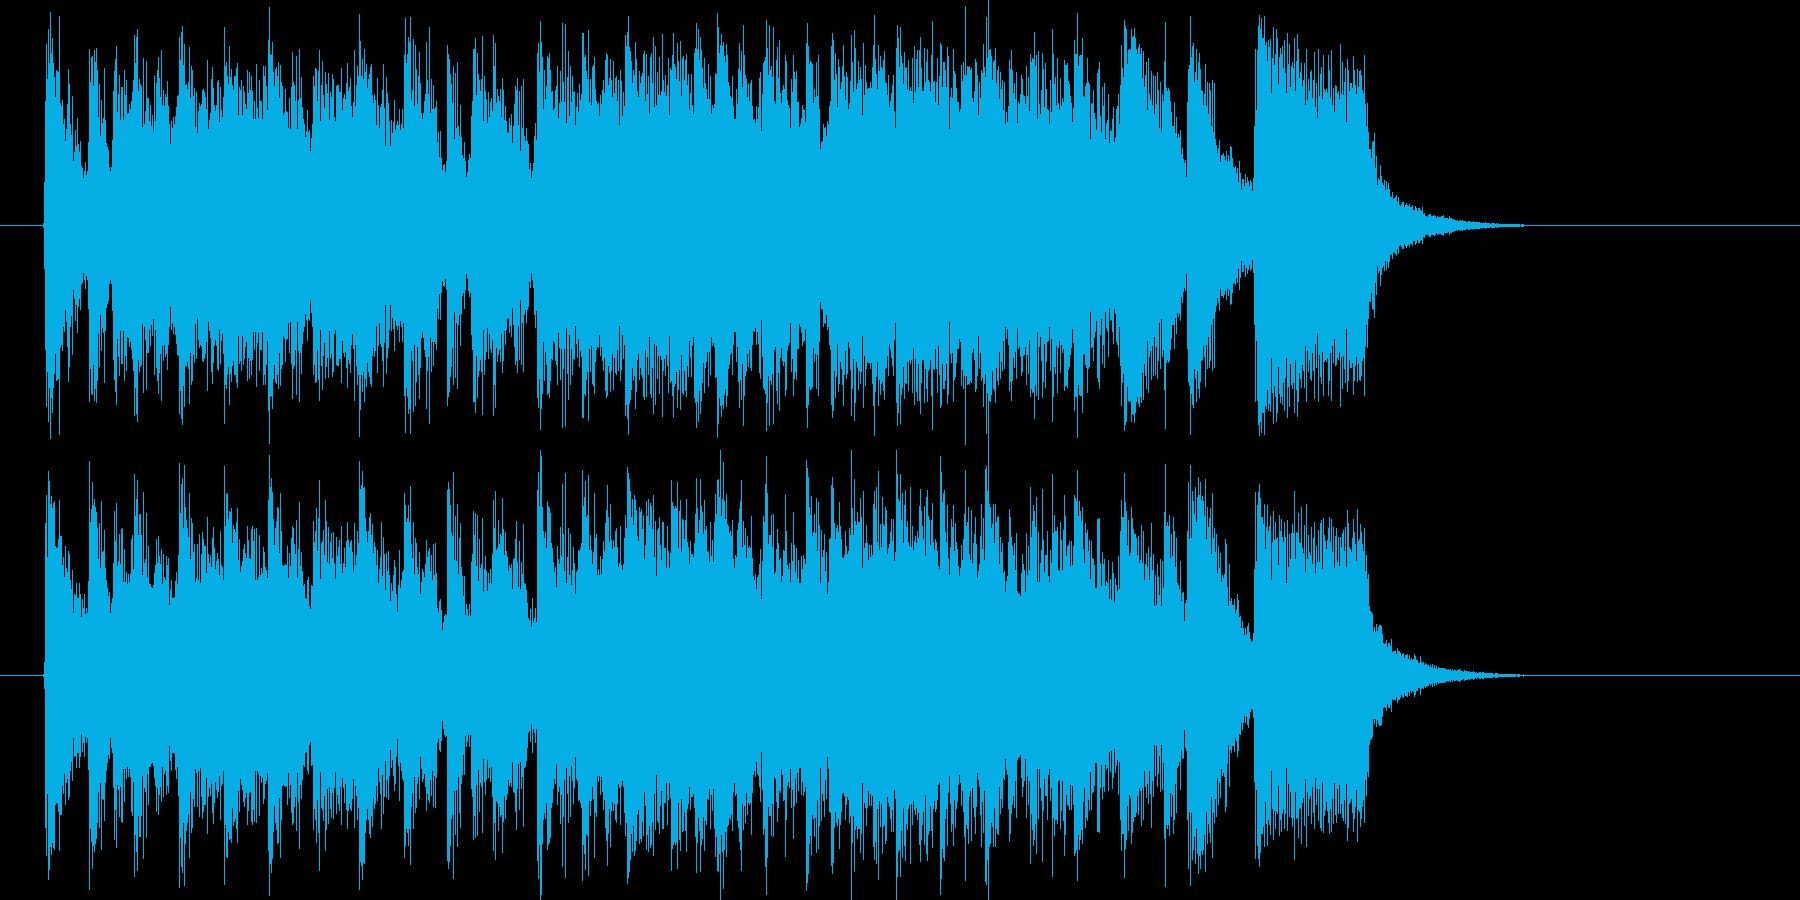 エレキギターが力強く疾走感あるロック曲の再生済みの波形